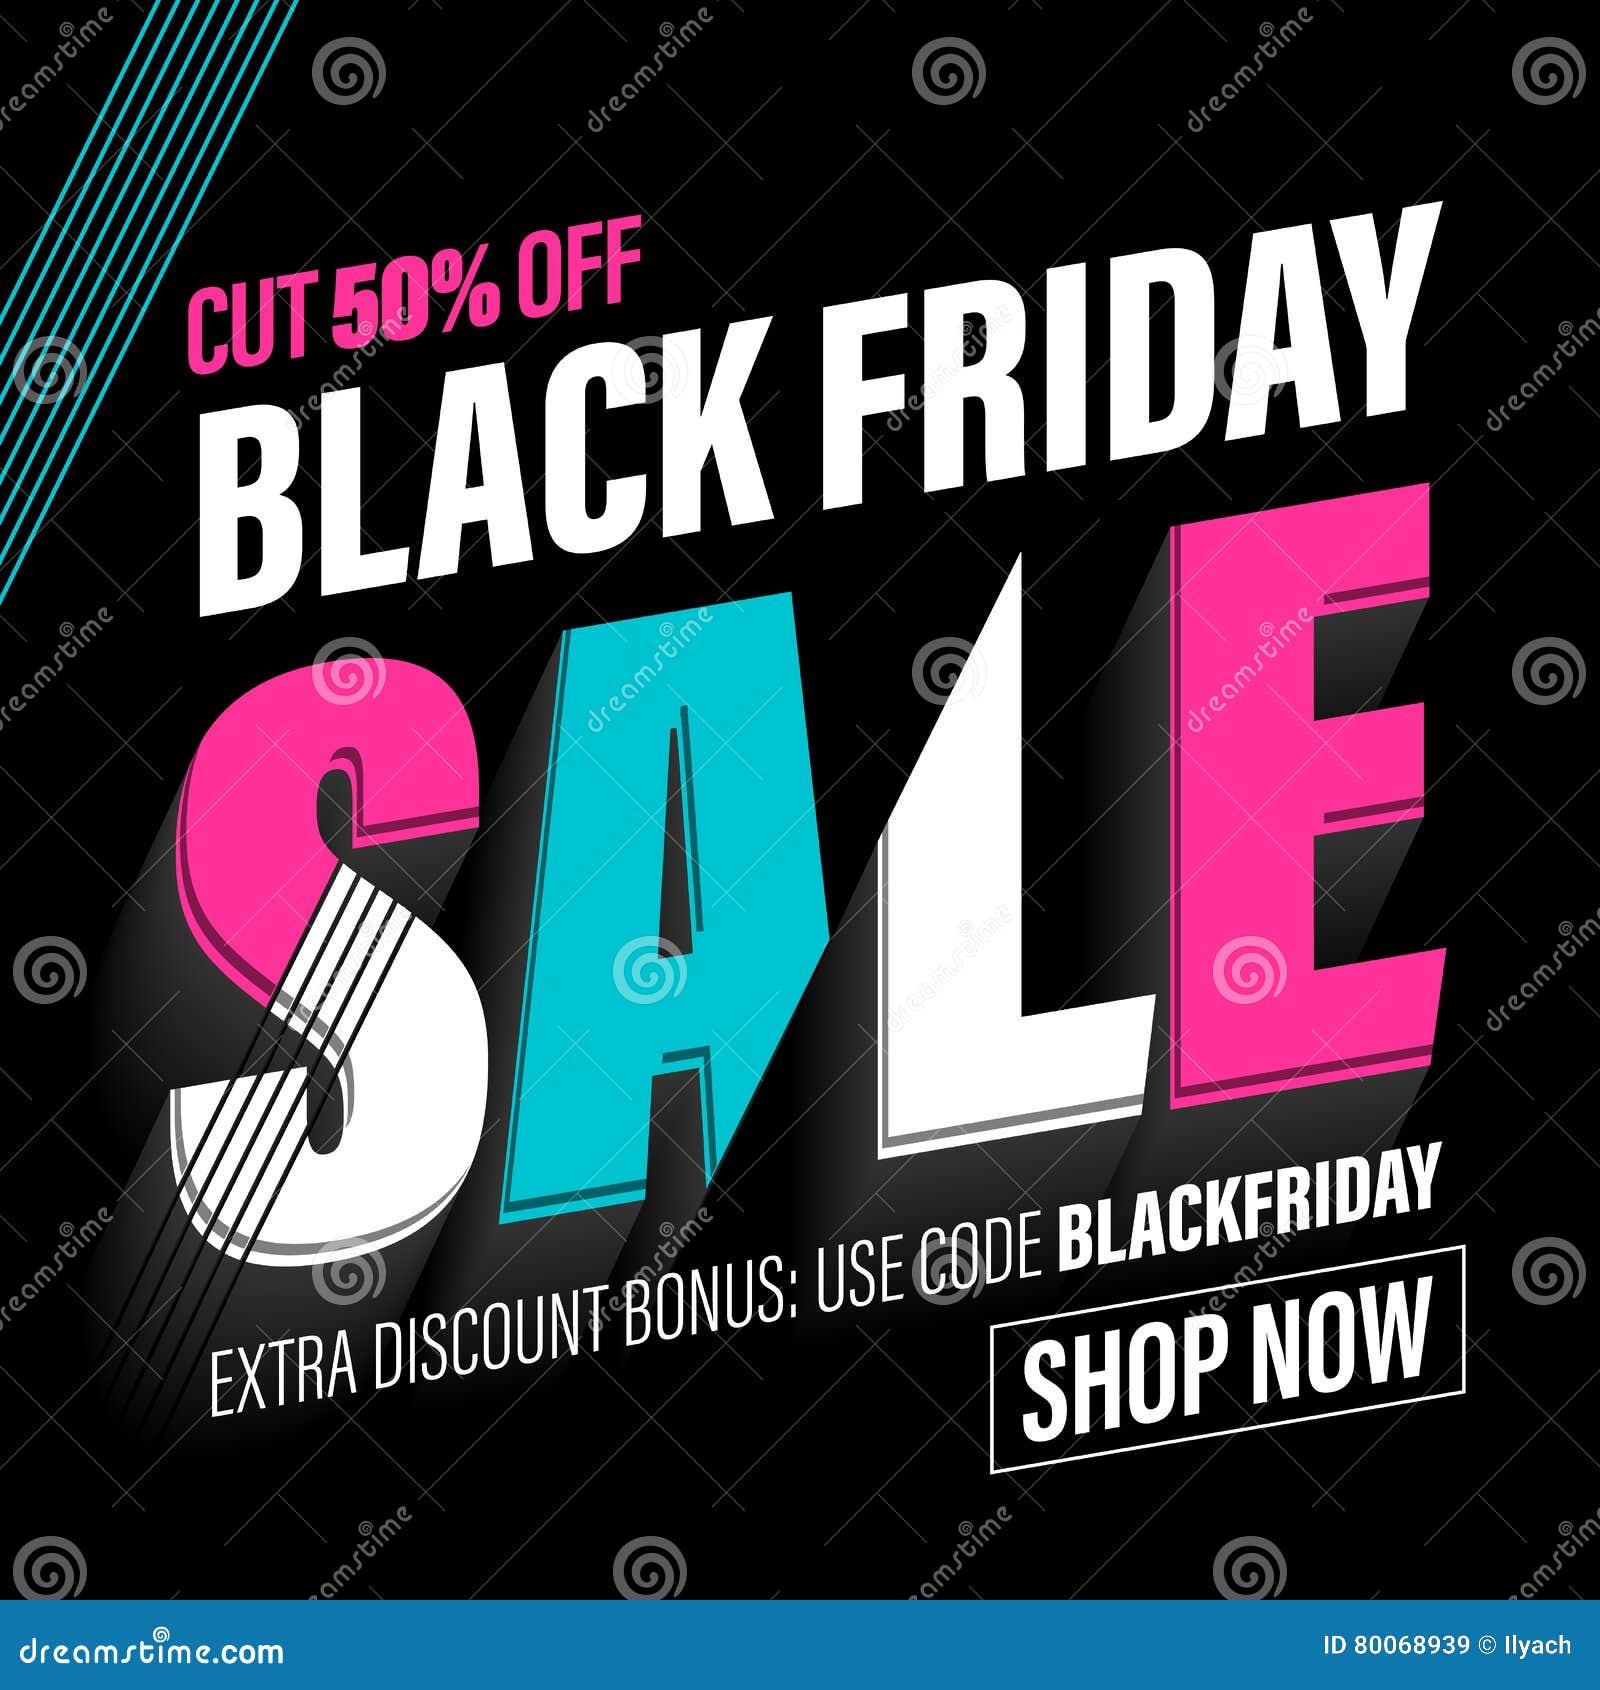 Shop black friday online